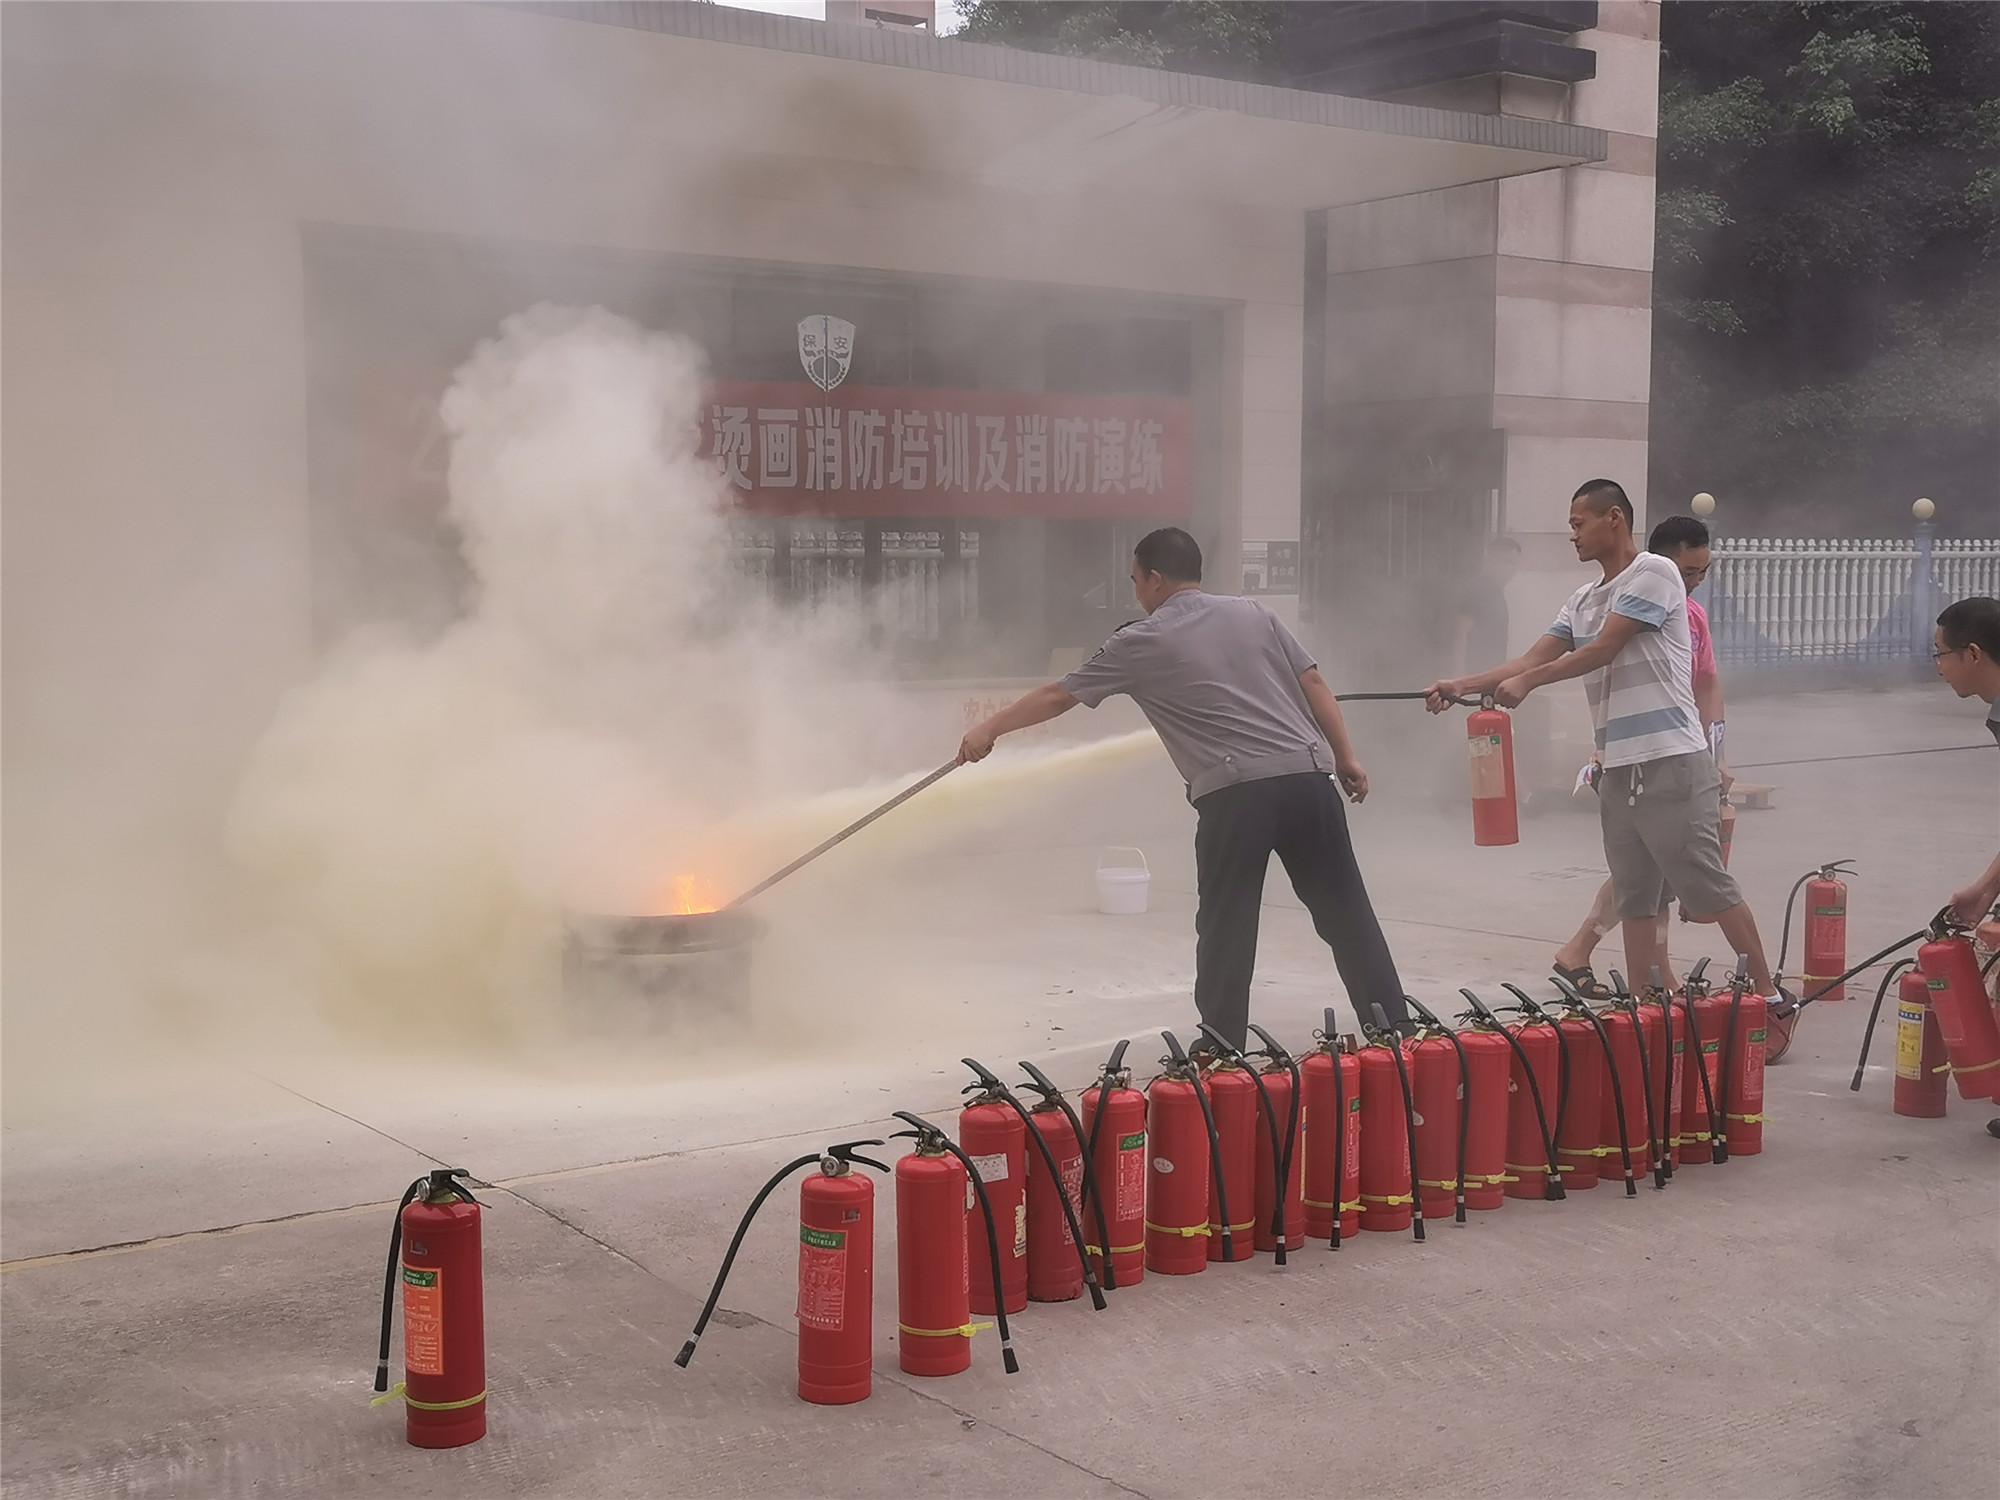 青艺-2020年消防演练现场照